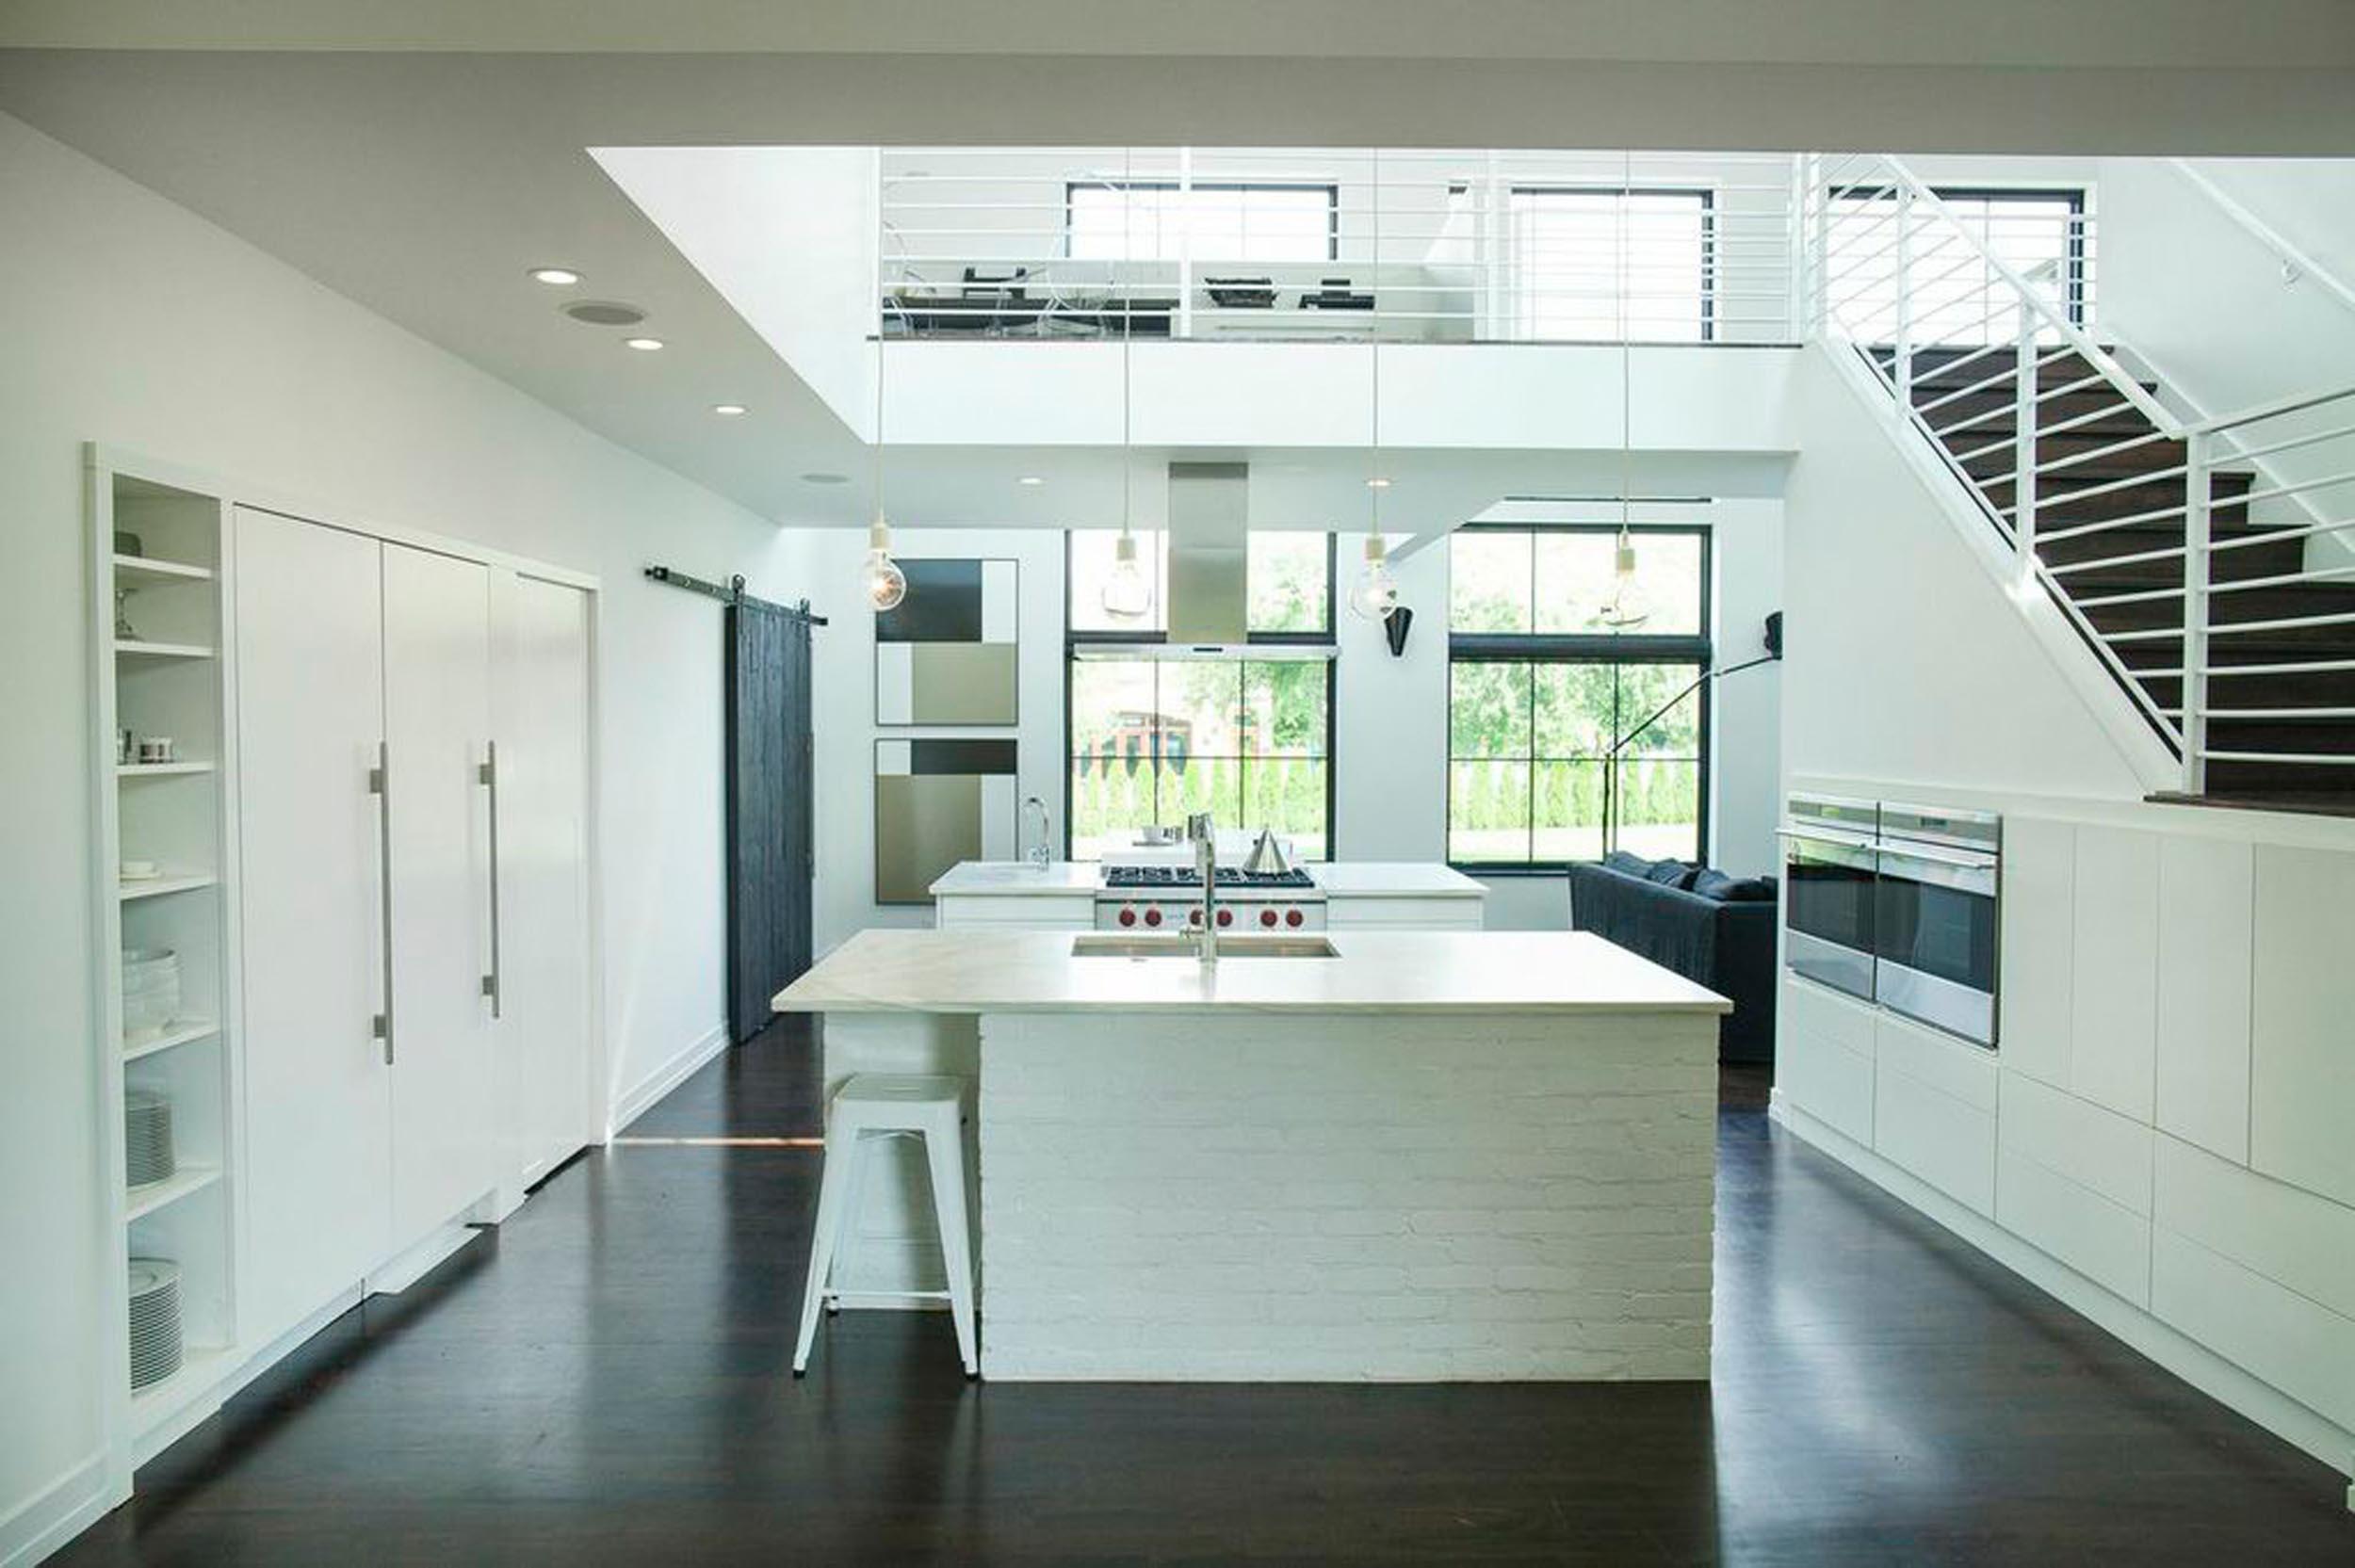 Leo_Designs_Chicago_interior_design_modern_traverse_city_transformation8.jpg